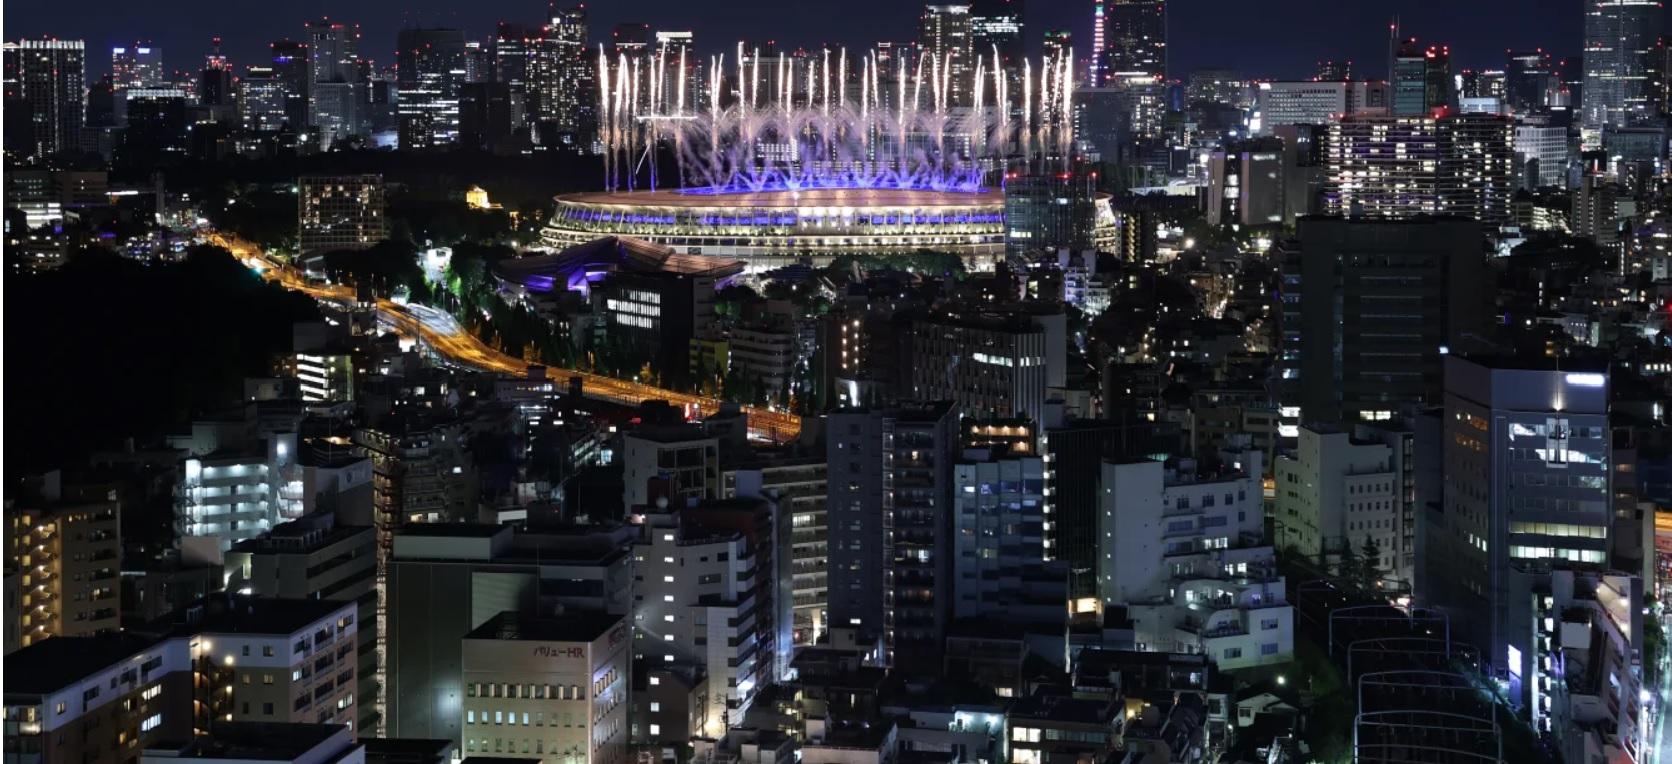 Más rápidos, más fuertes, más altos - juntos: Tokio despide a los Juegos Olímpicos